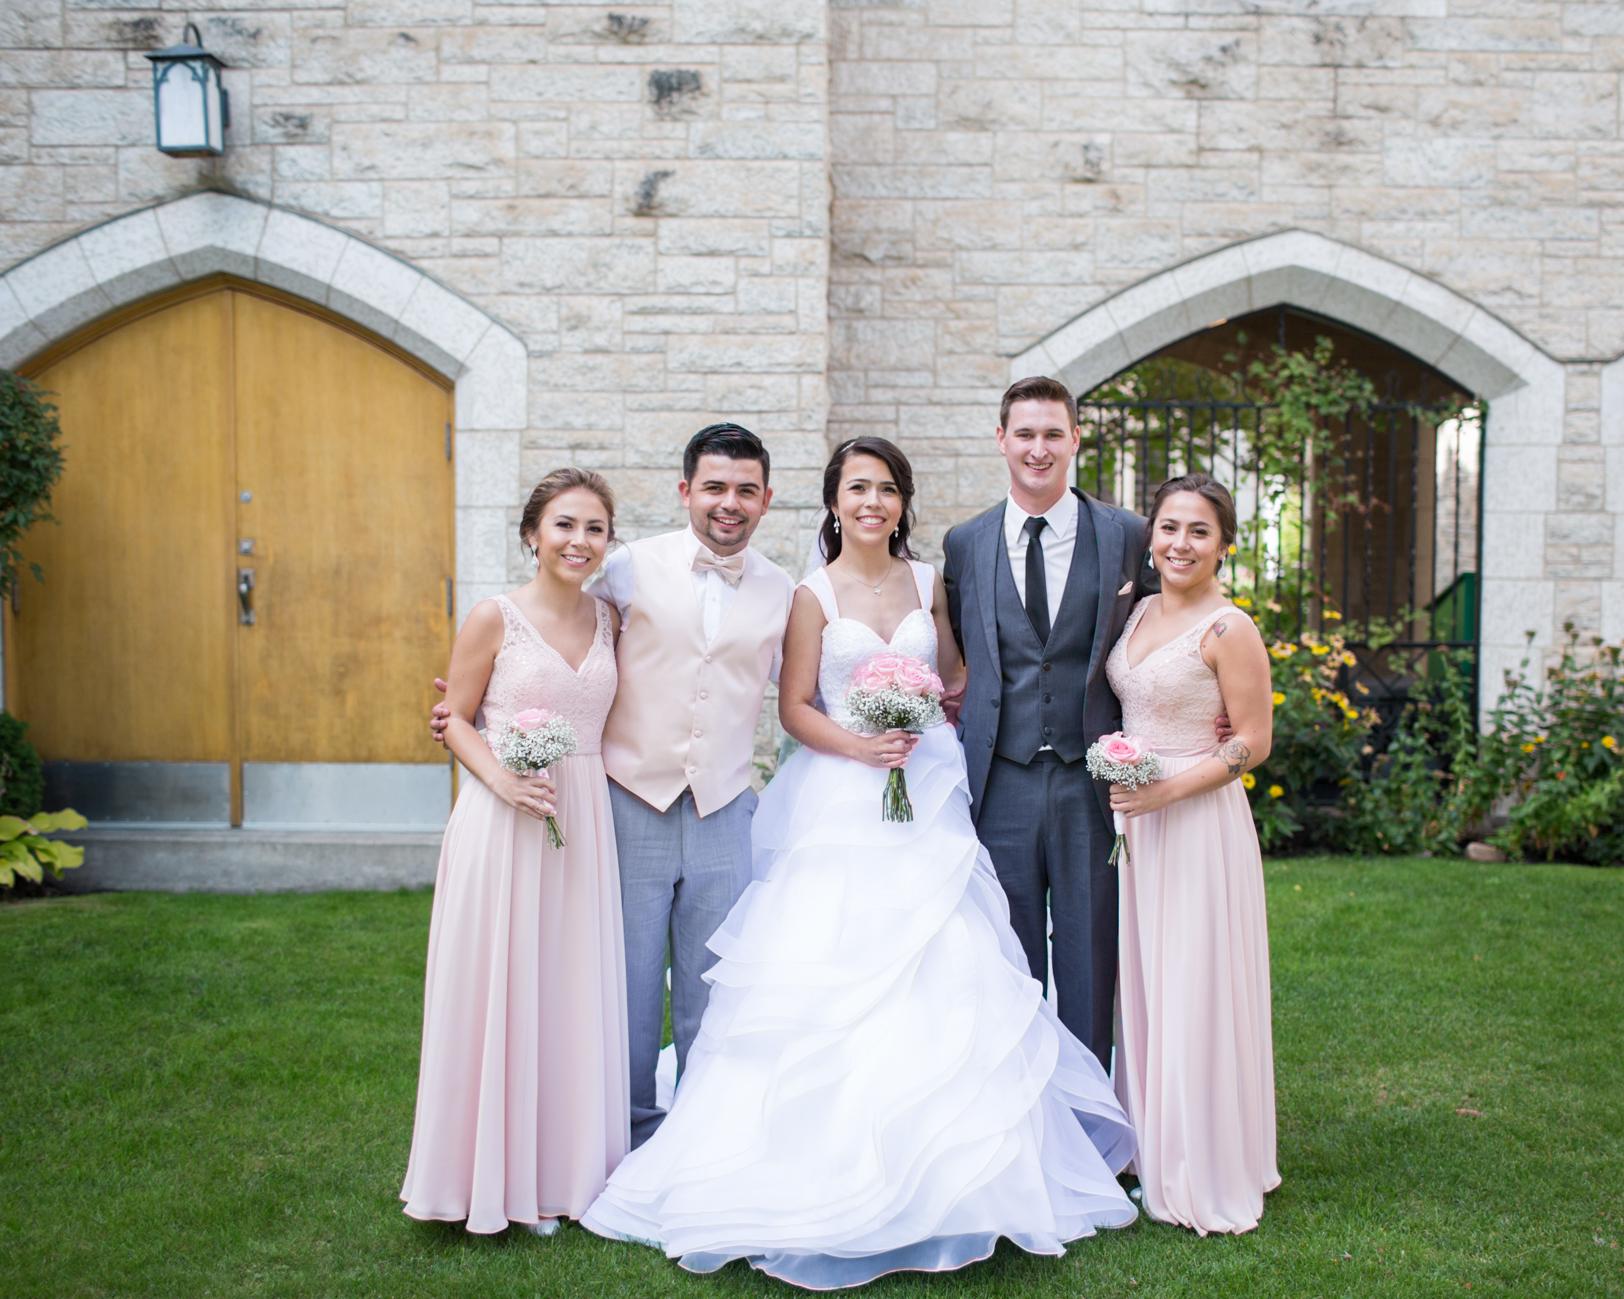 Fun Family Photos at Weddings